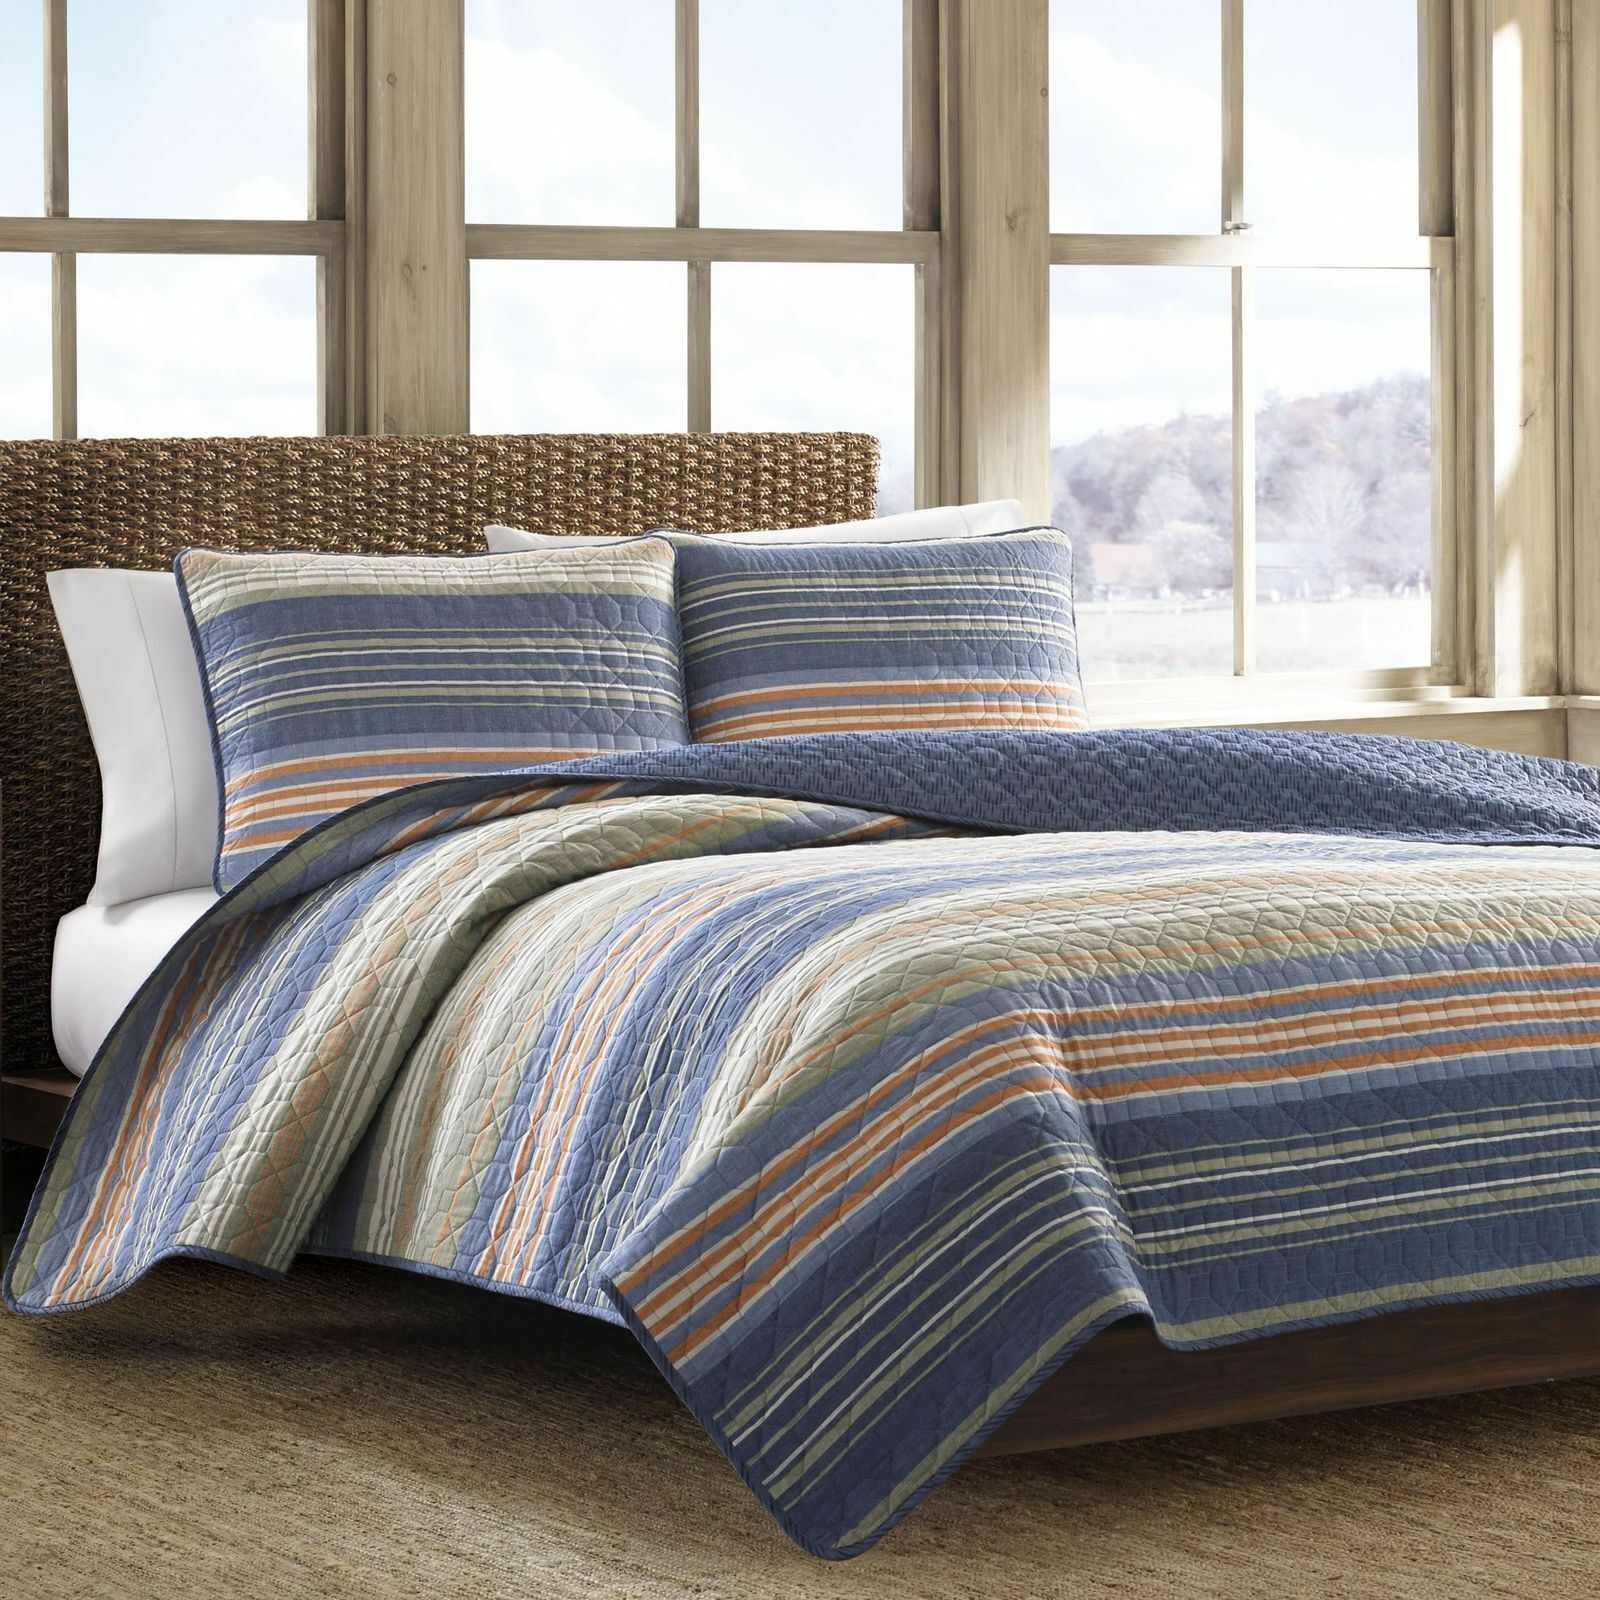 Eddie Bauer 206700 Cotton Quilt Set, Yakima Valley, Full/